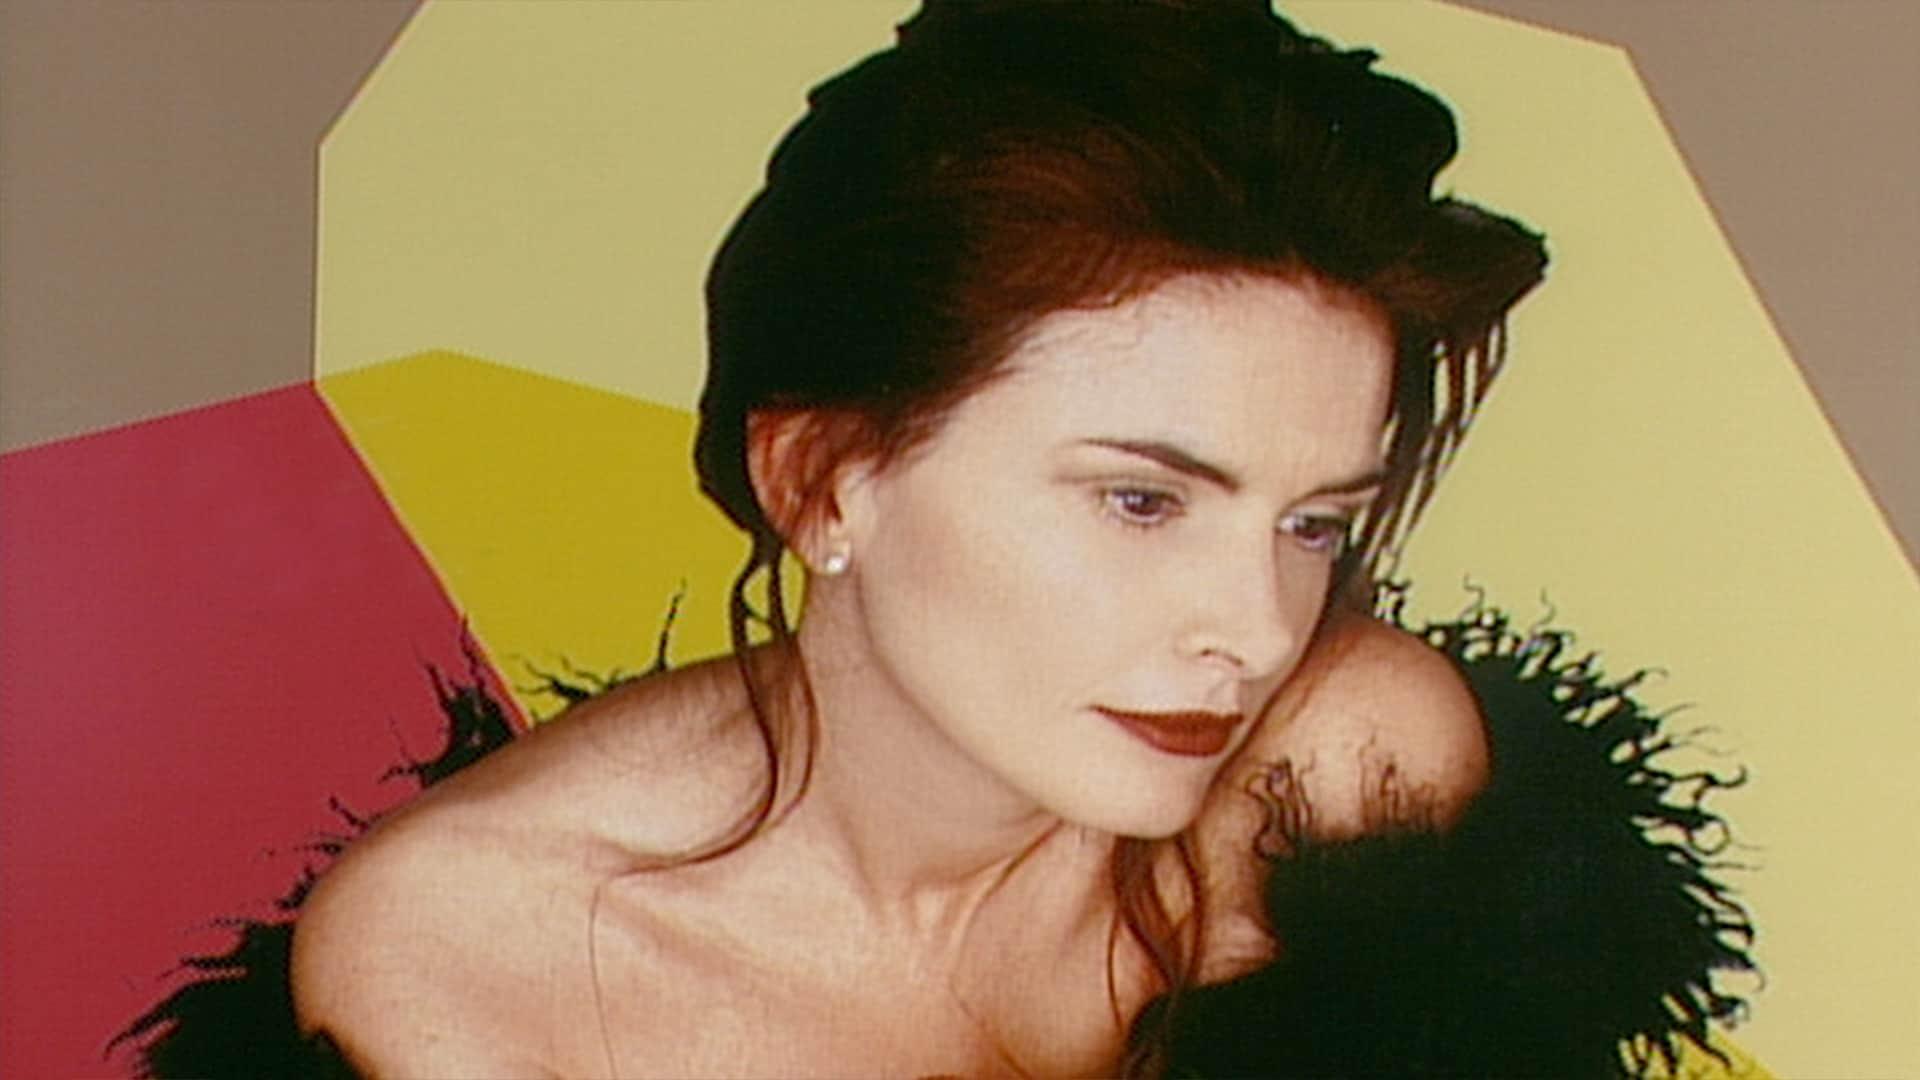 Roma Downey: February 14, 1998